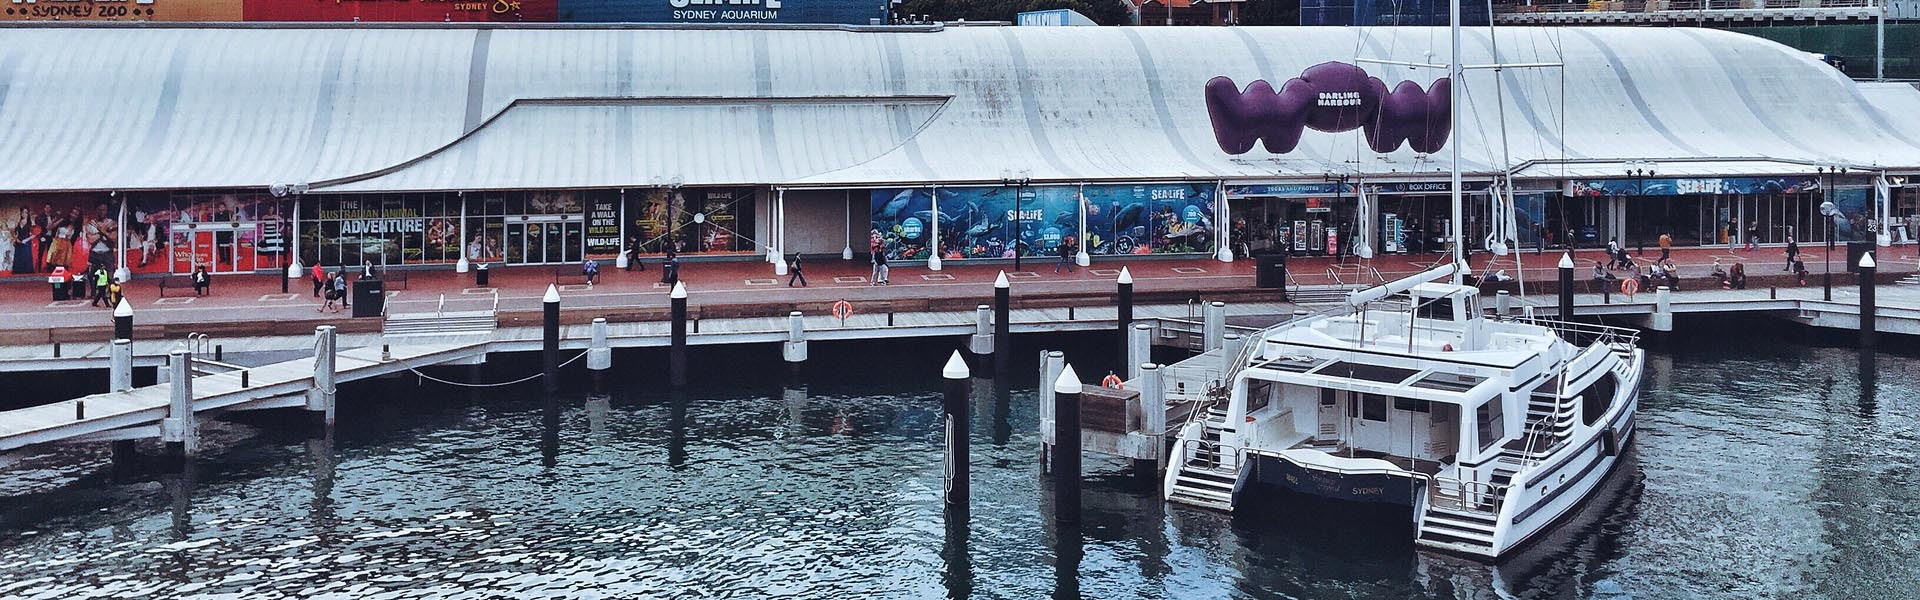 4D3N Sydney Play